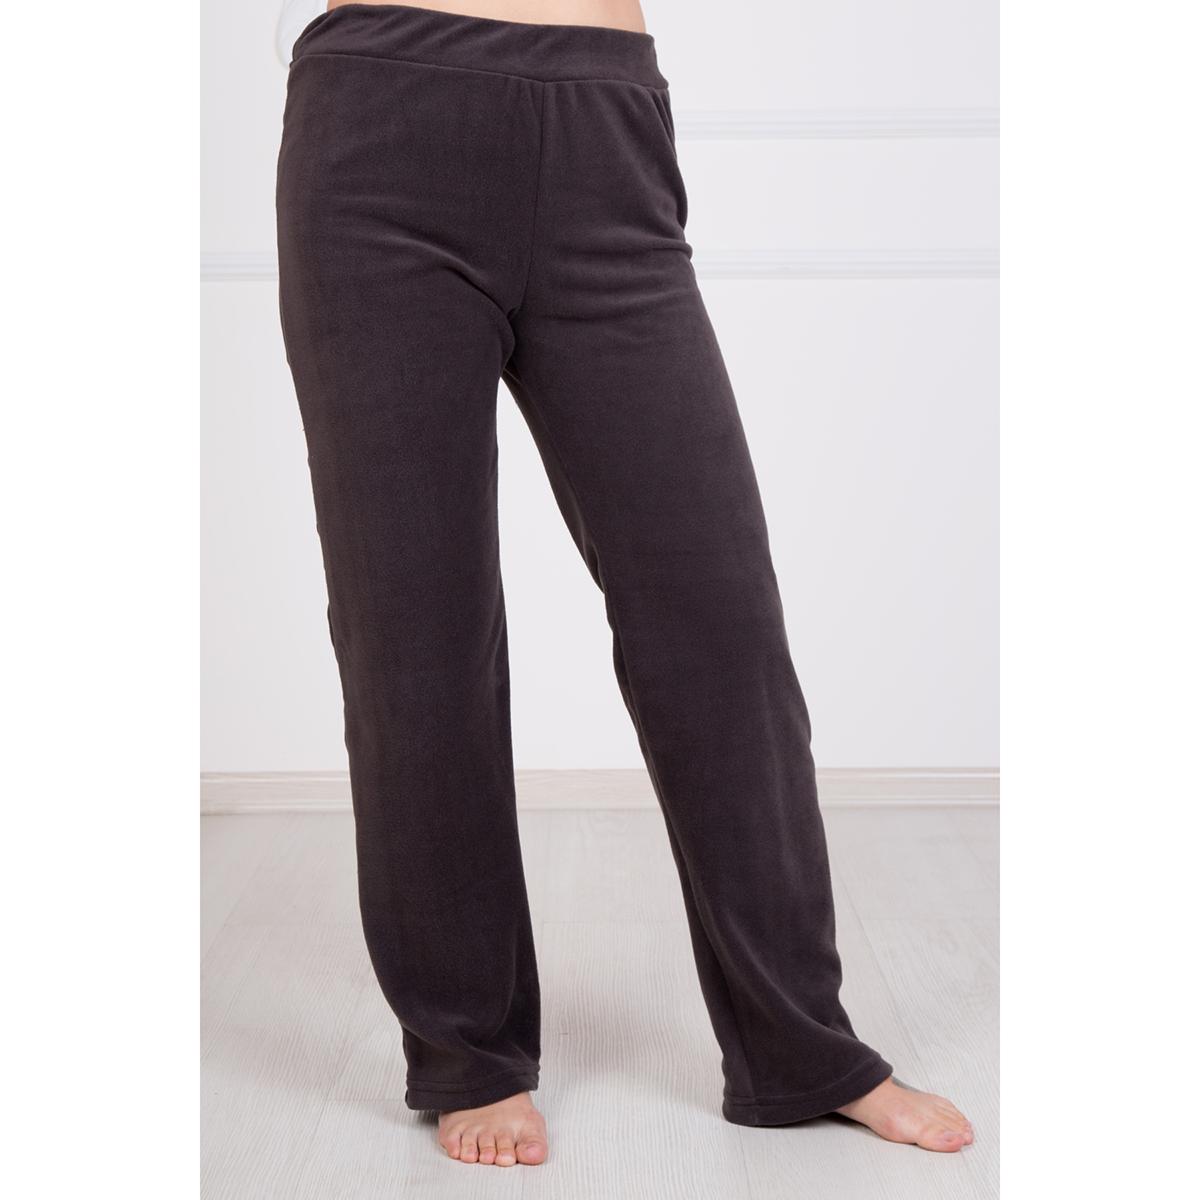 Жен. брюки Флис р. 44Брюки<br>Обхват талии: 68 см <br>Обхват бедер: 96 см <br>Рост: 167 см<br><br>Тип: Жен. брюки<br>Размер: 44<br>Материал: Флис